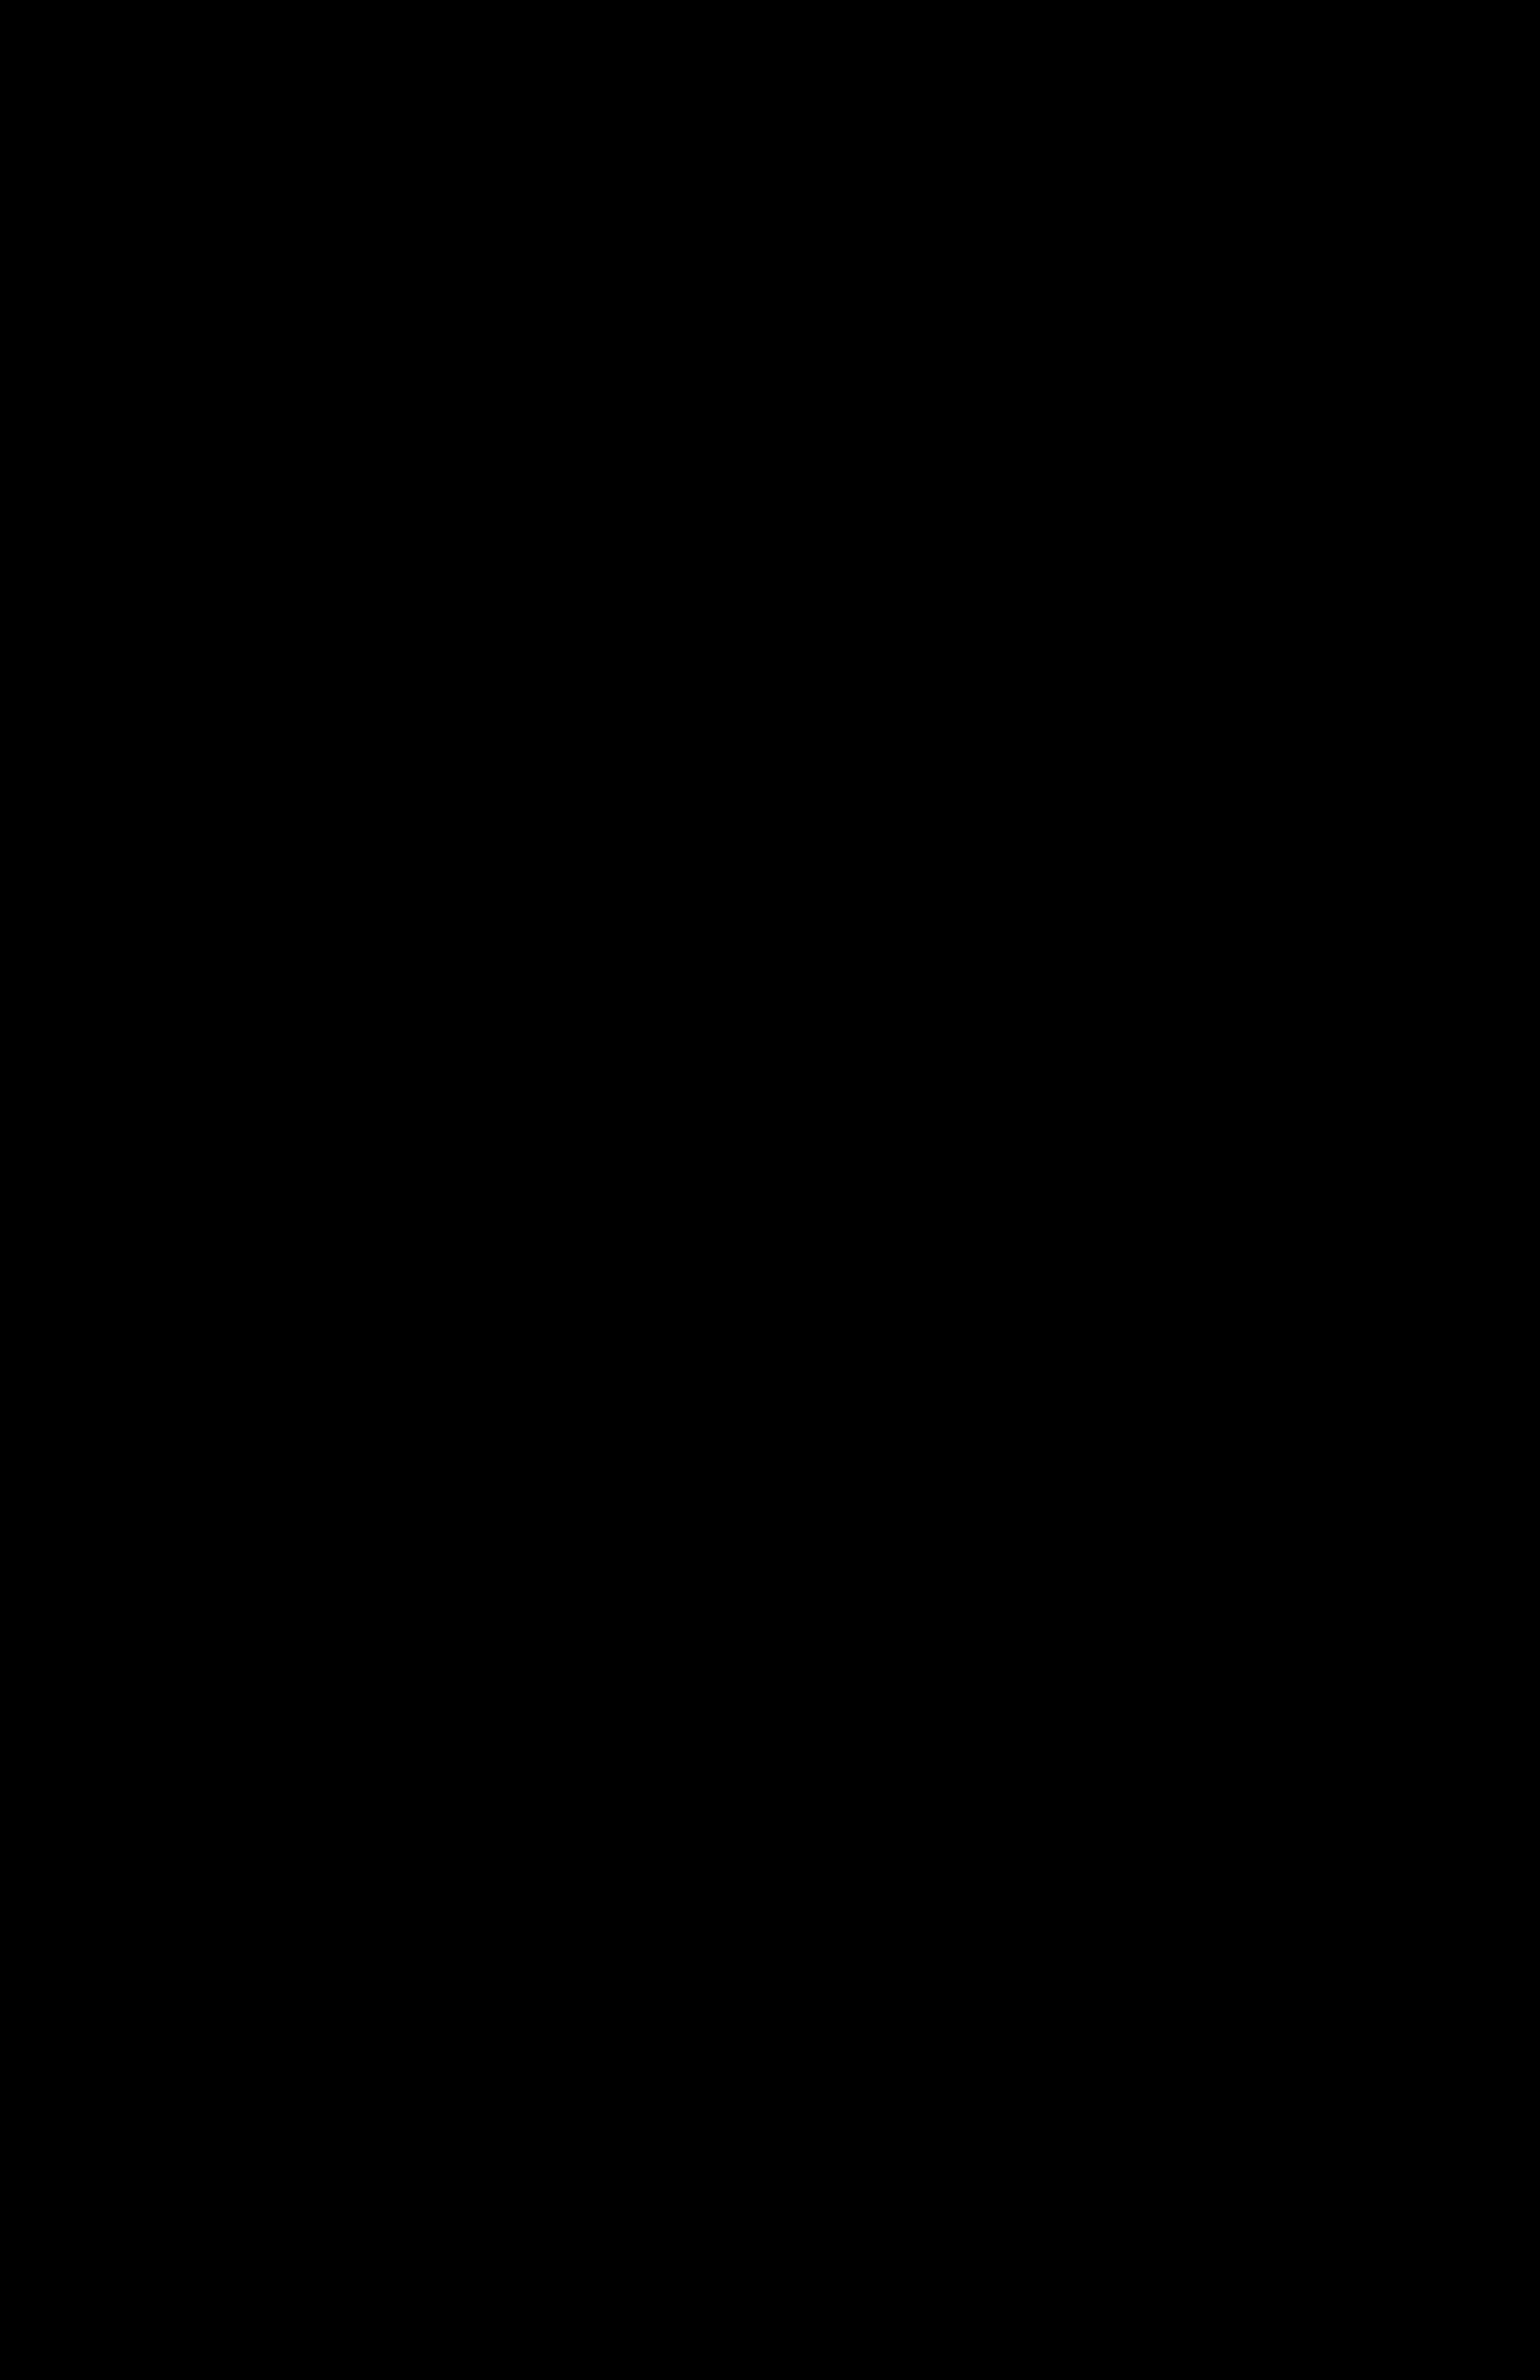 ECOSURlogo.jpg